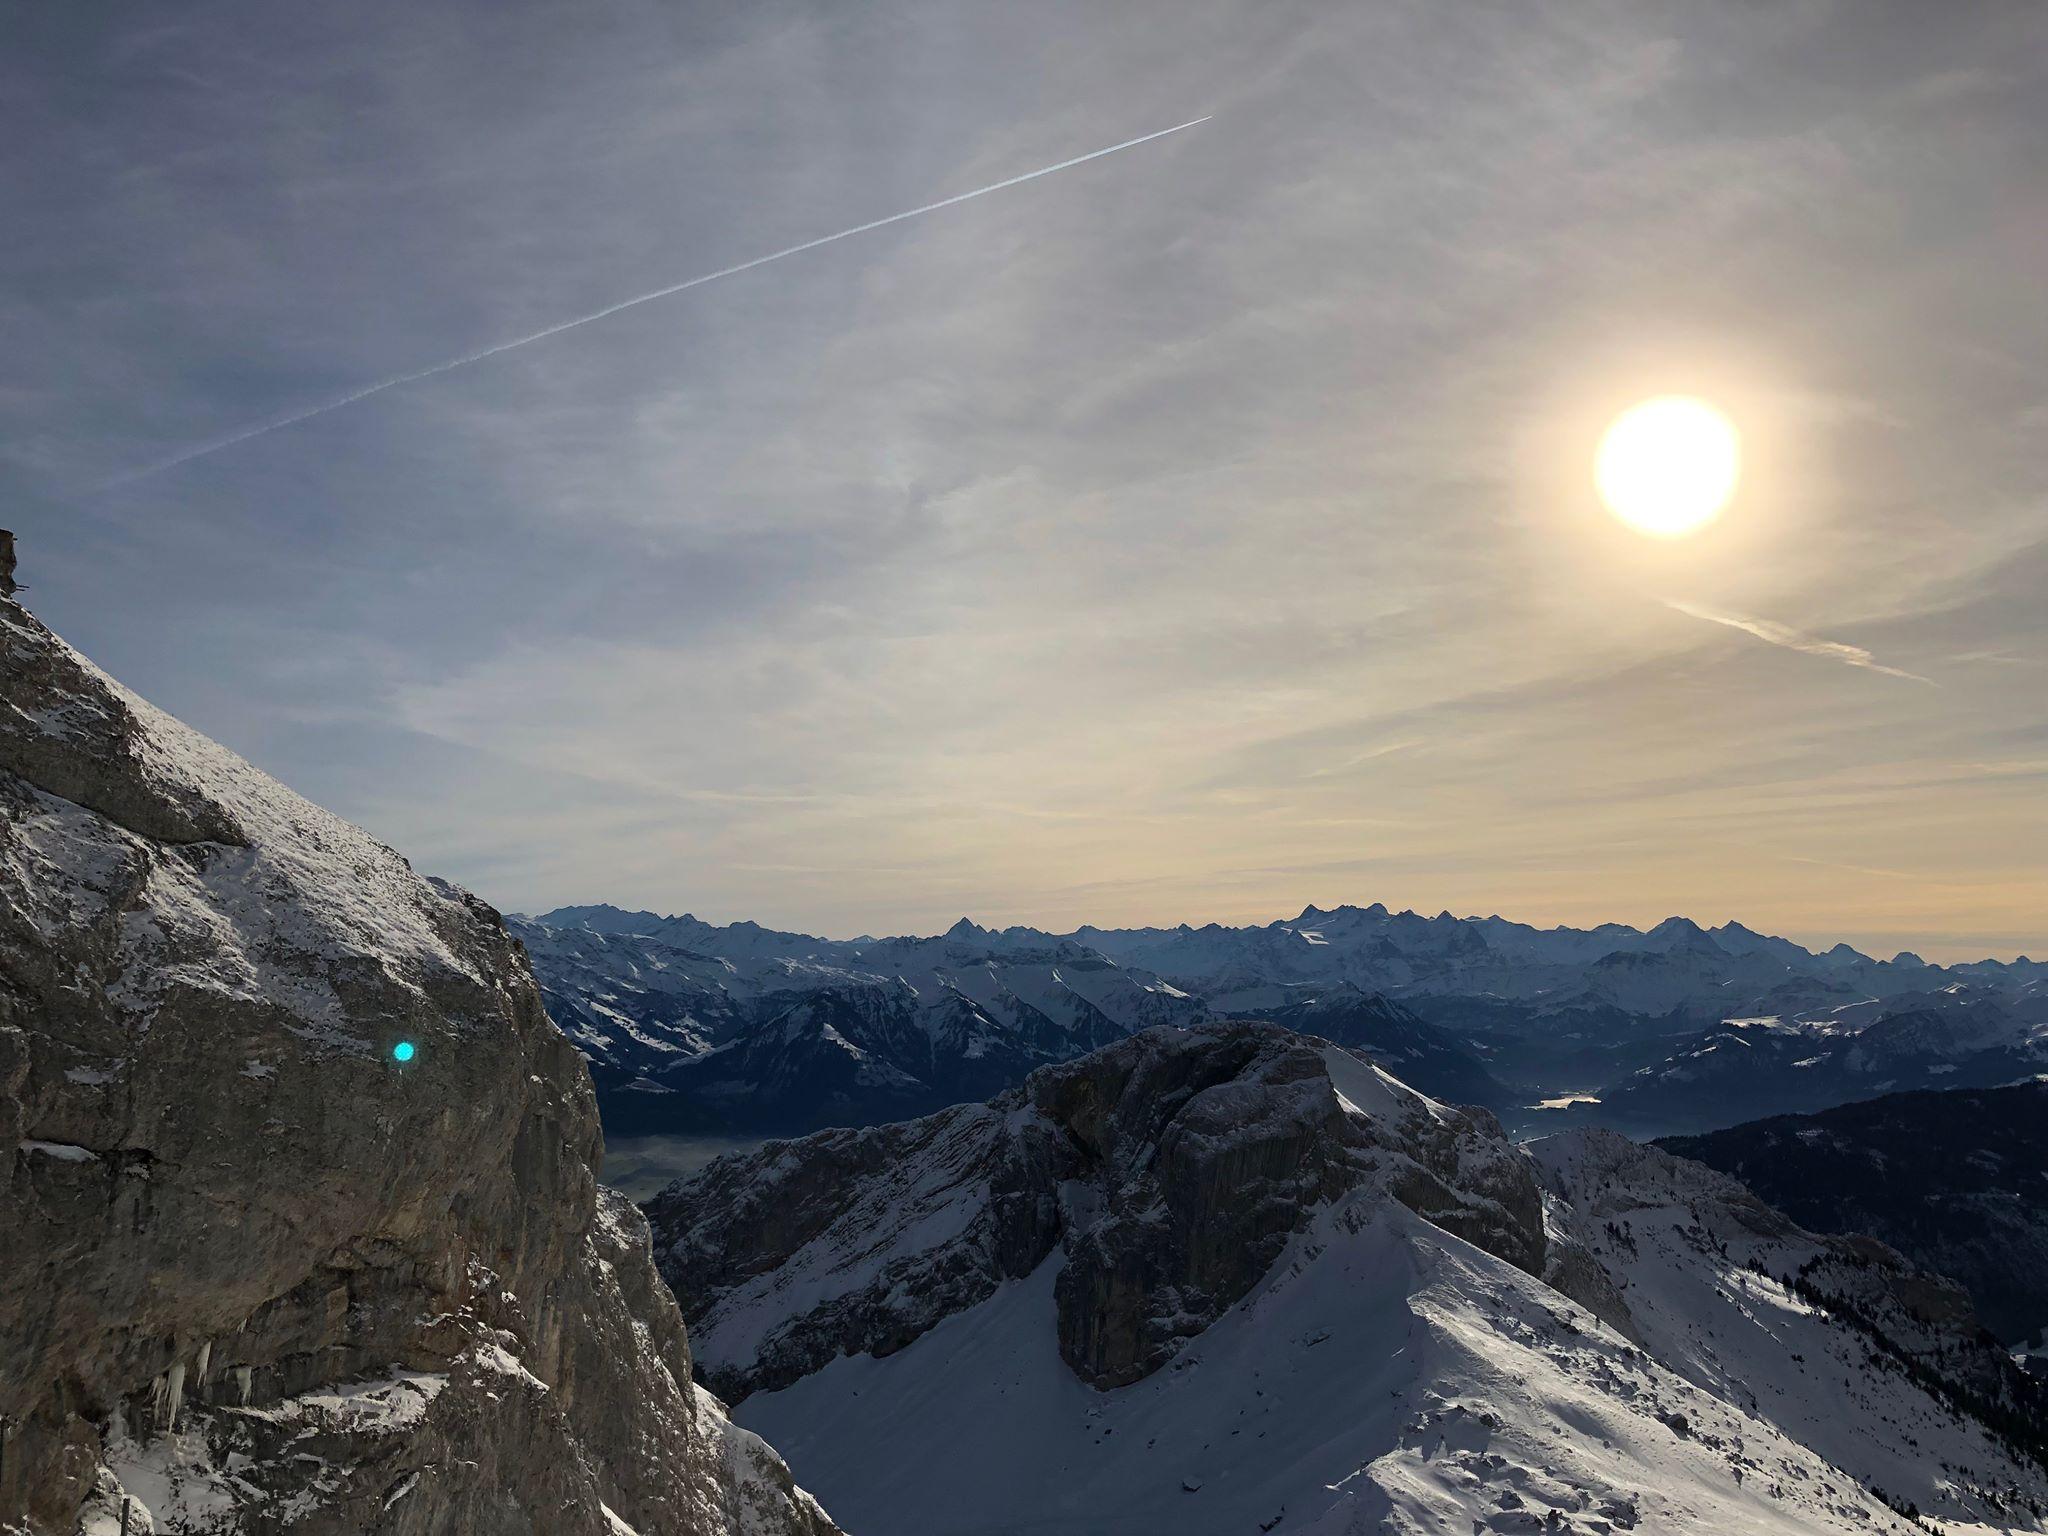 anu jain  mount pilatus, switzerland  december 2018